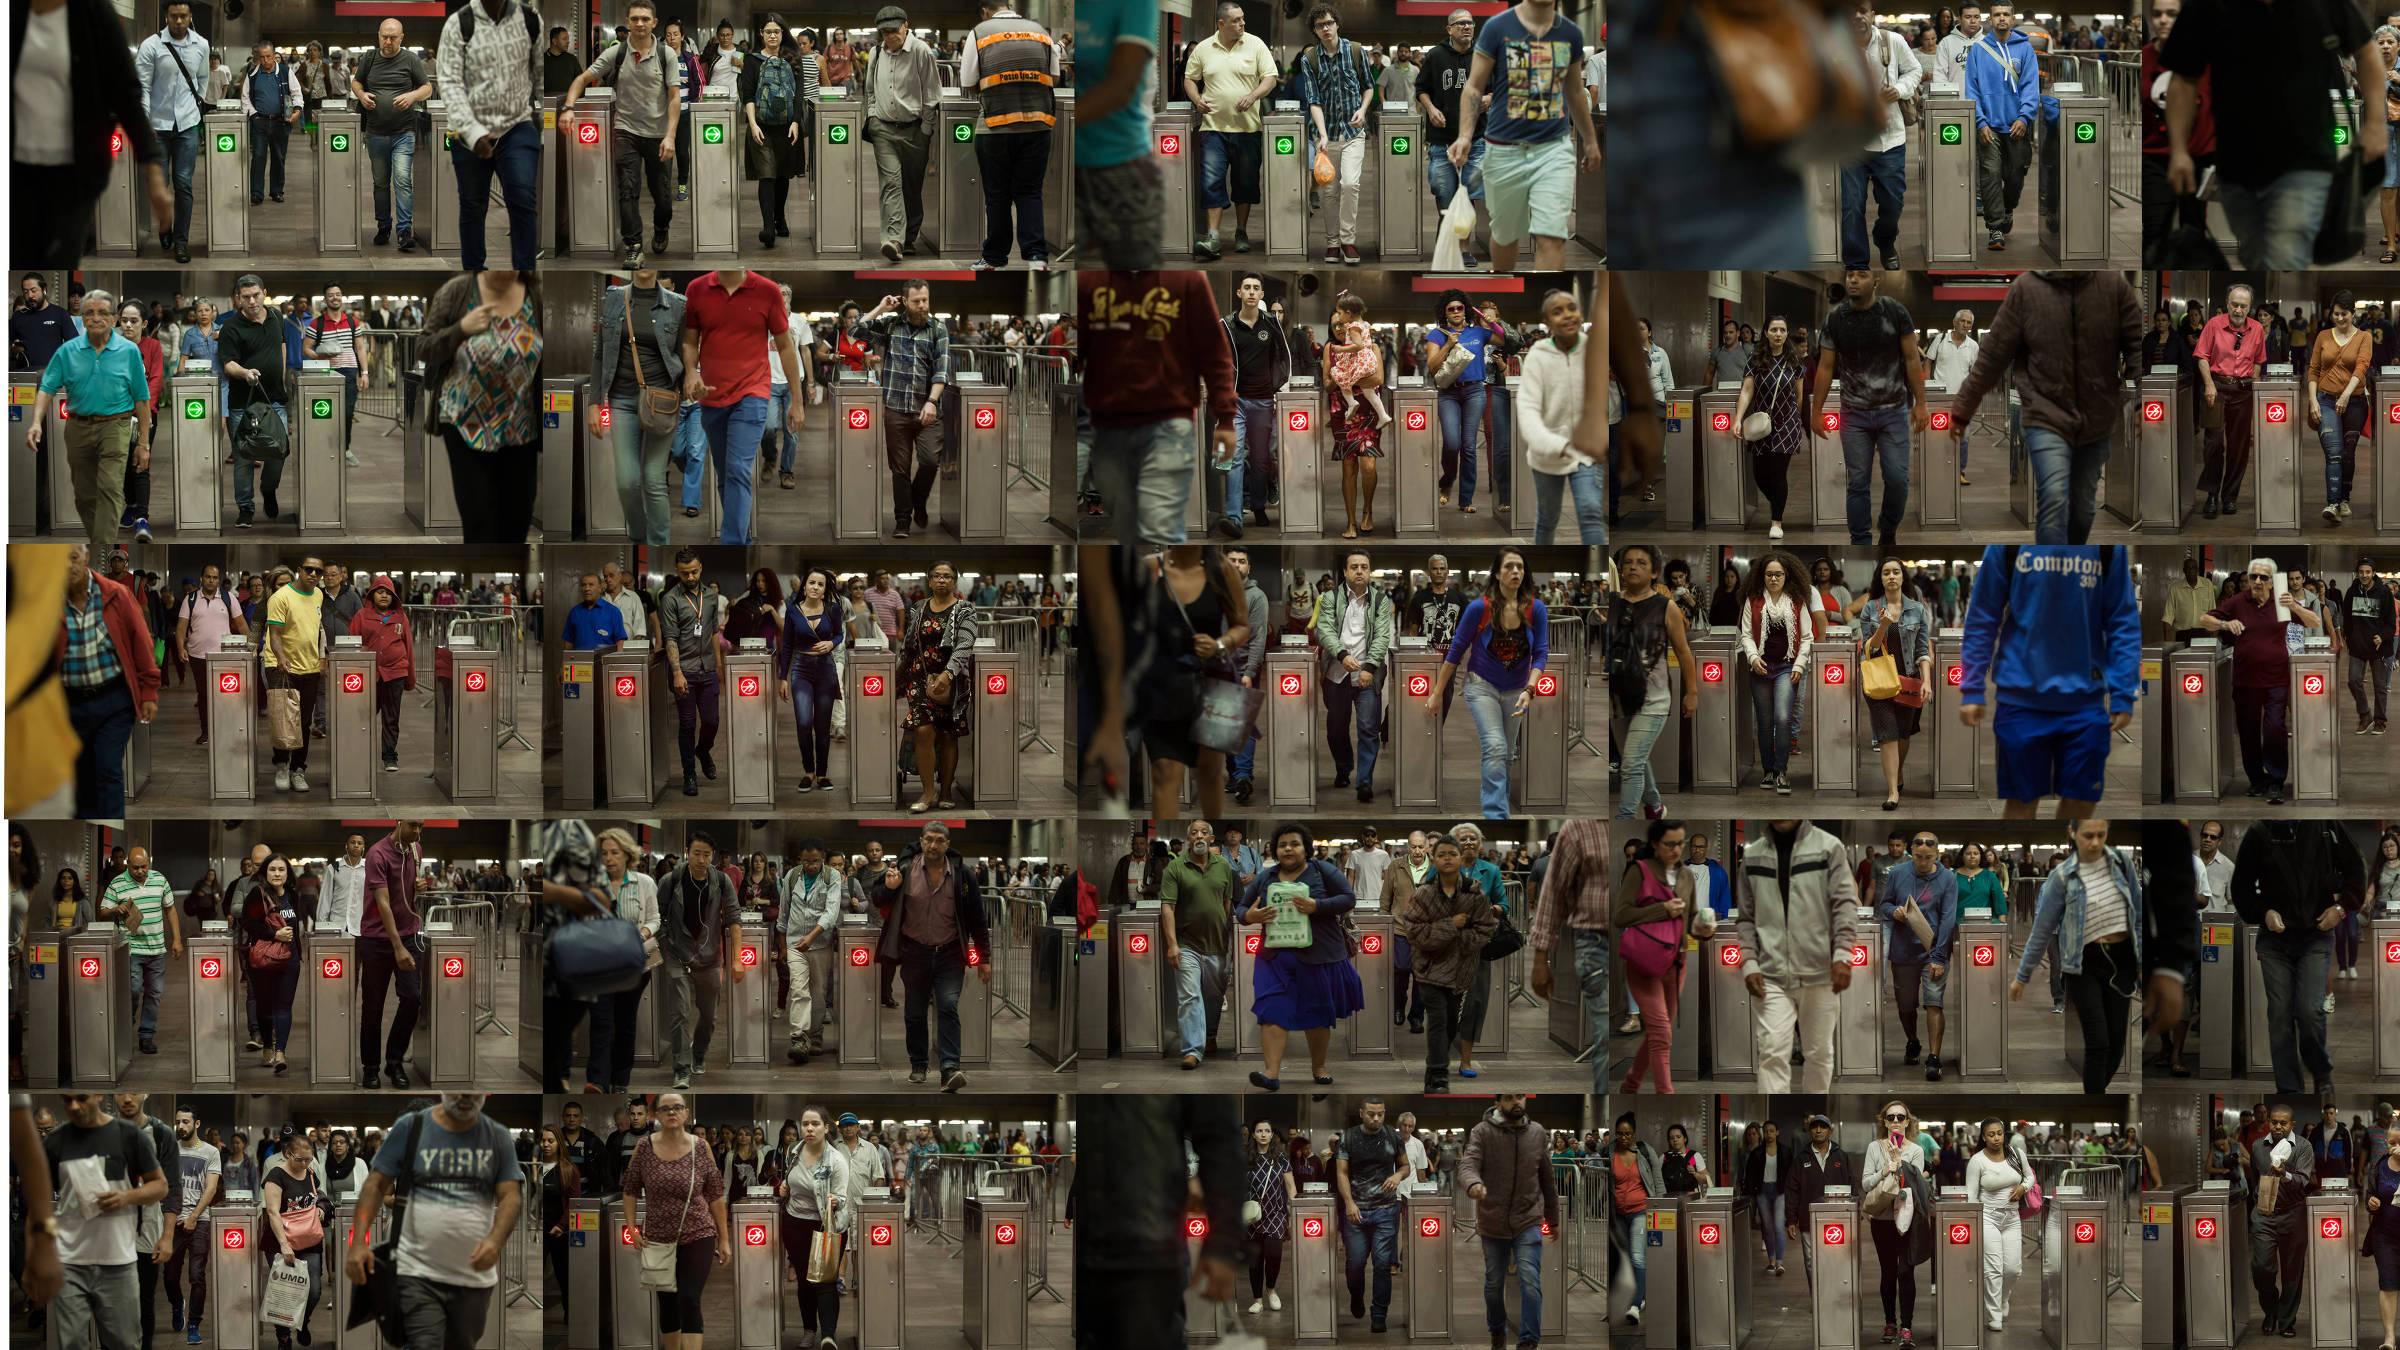 Usuários passam por catracas que separam as linhas de metrô e de trem na estacão da Luz, no centro de São Paulo - Julio Bittencourt/Folhapress